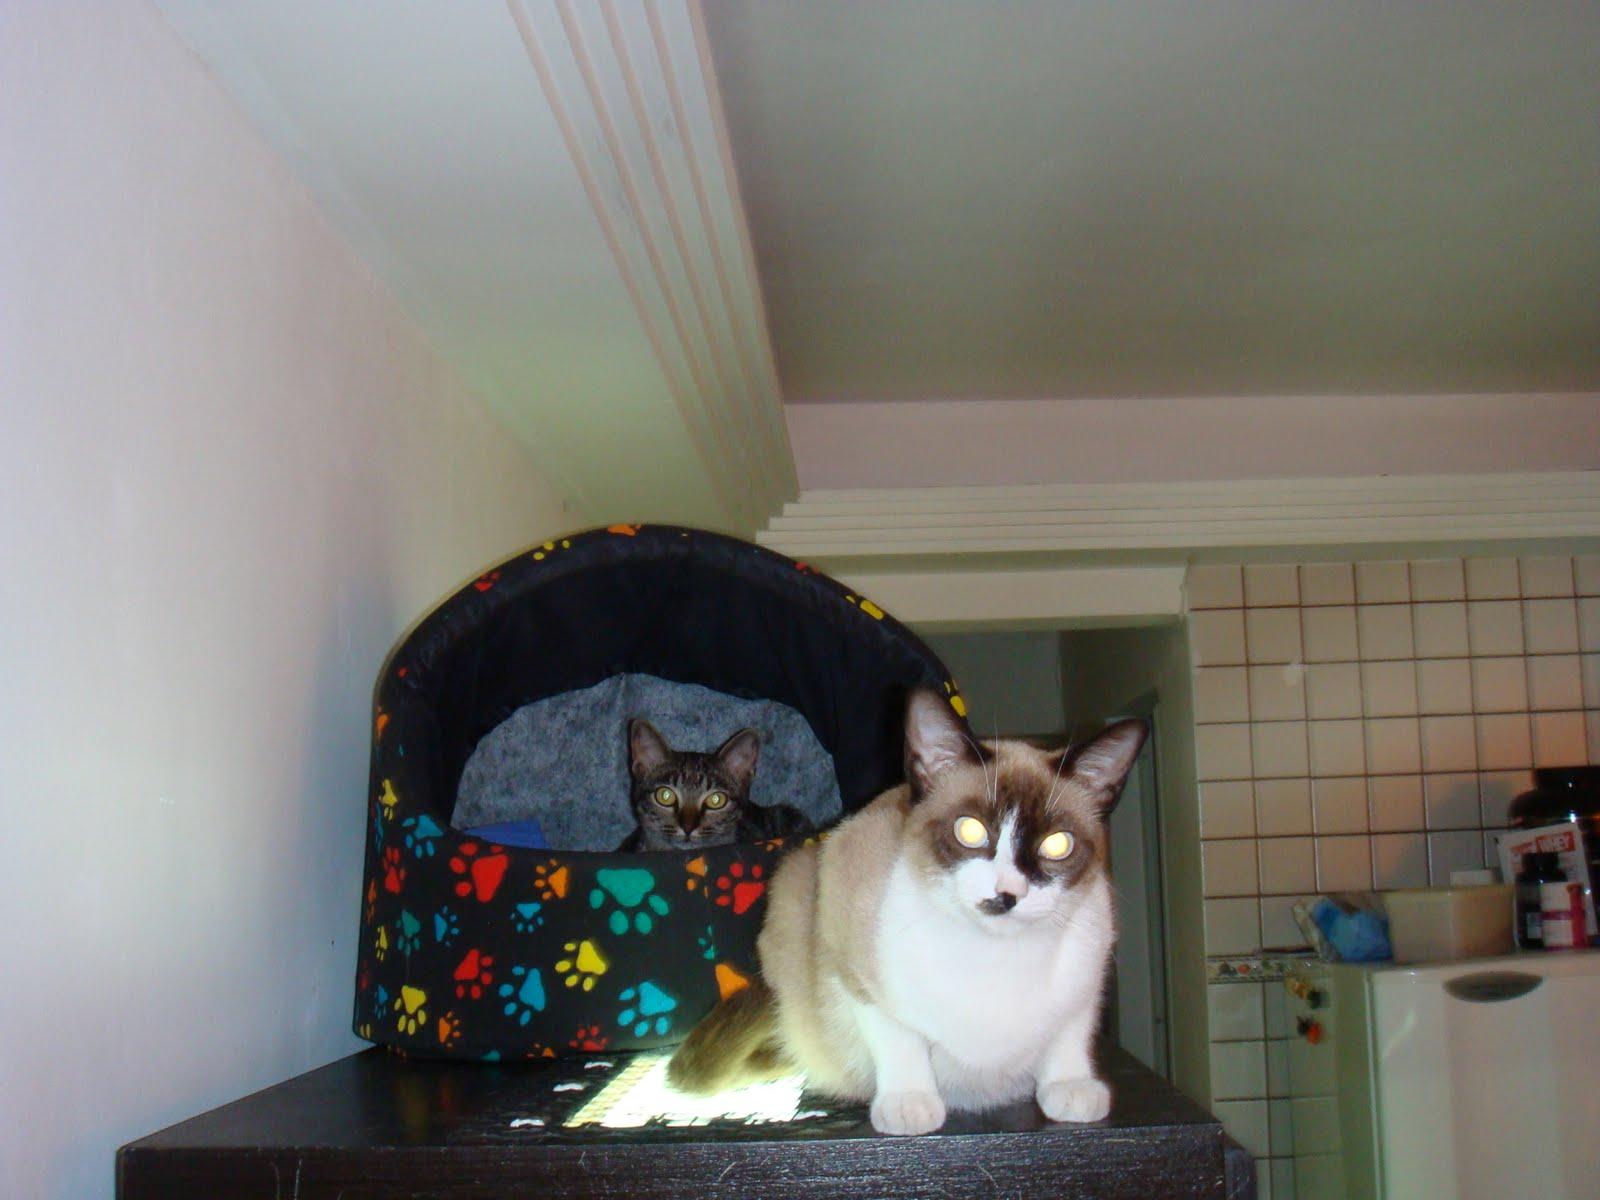 Gatos Amados da Minha Vida =^.^=: Agosto 2010 #366470 1600 1200